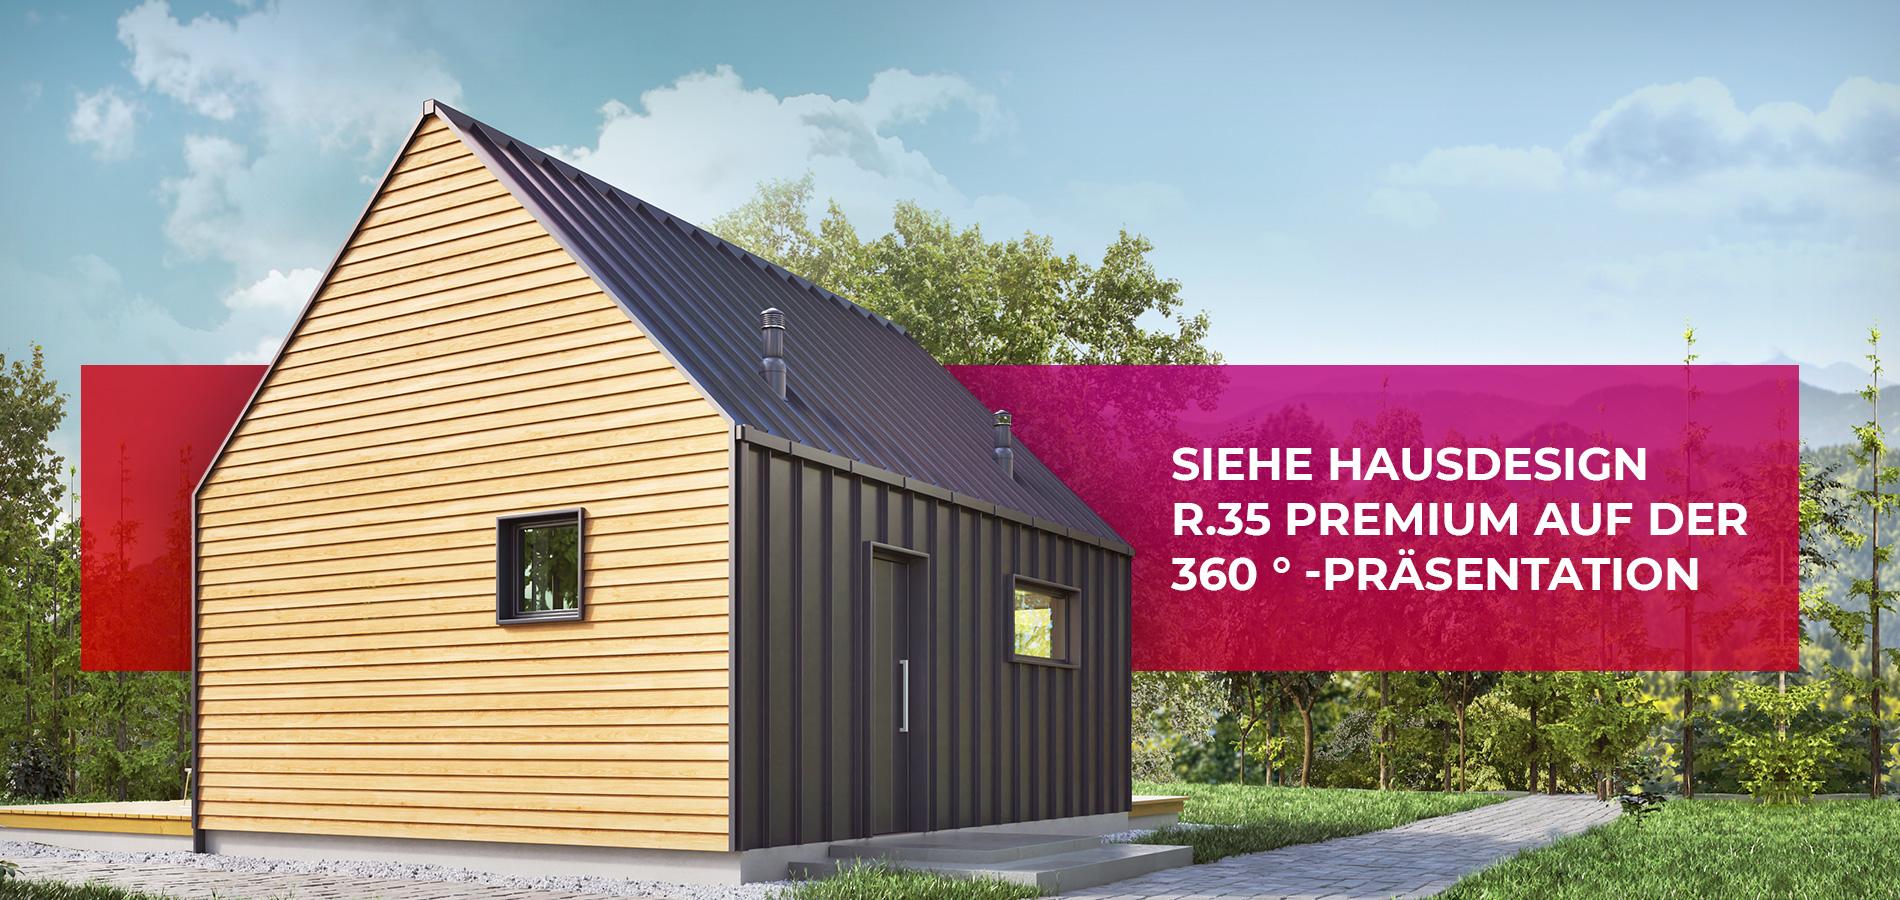 Siehe Hausdesign R35 Premium auf der 360 ° -Präsentation